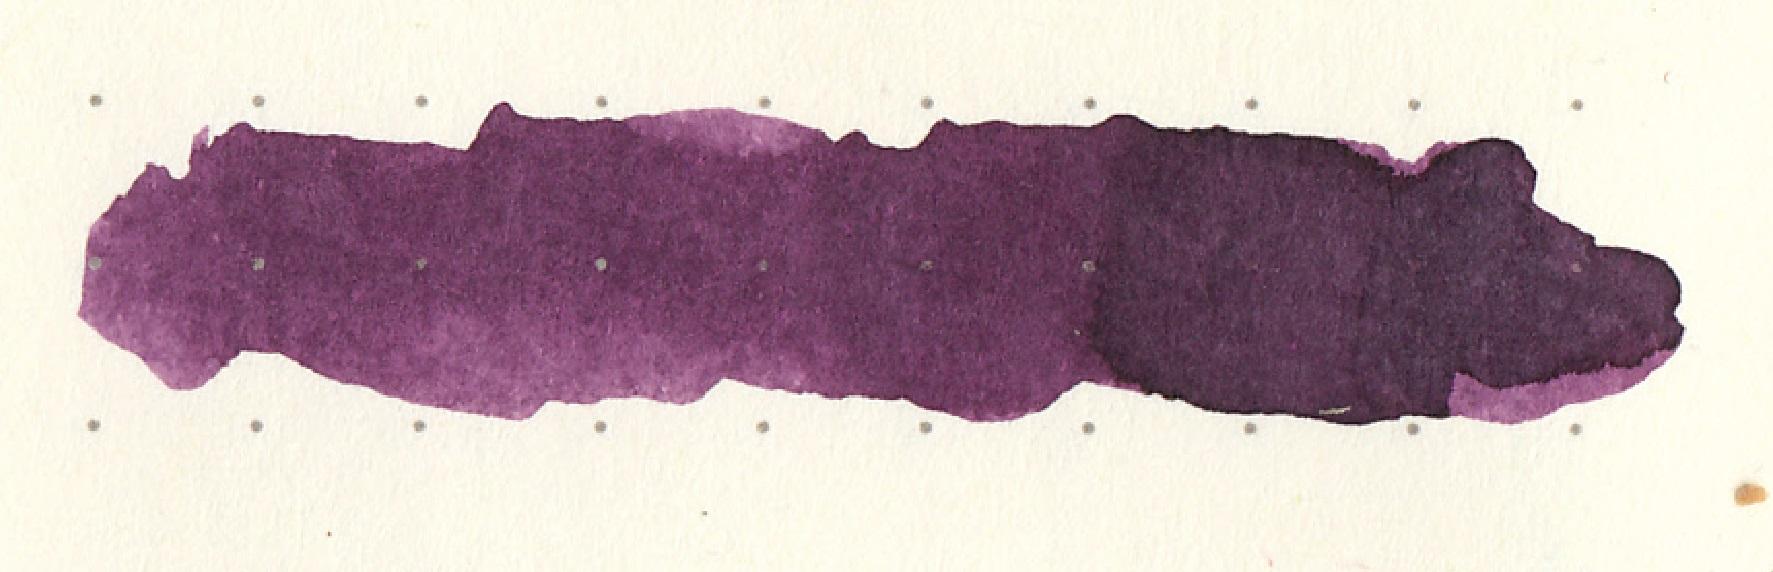 fpn_1464810920__lavender_mb_leuchtturm_4